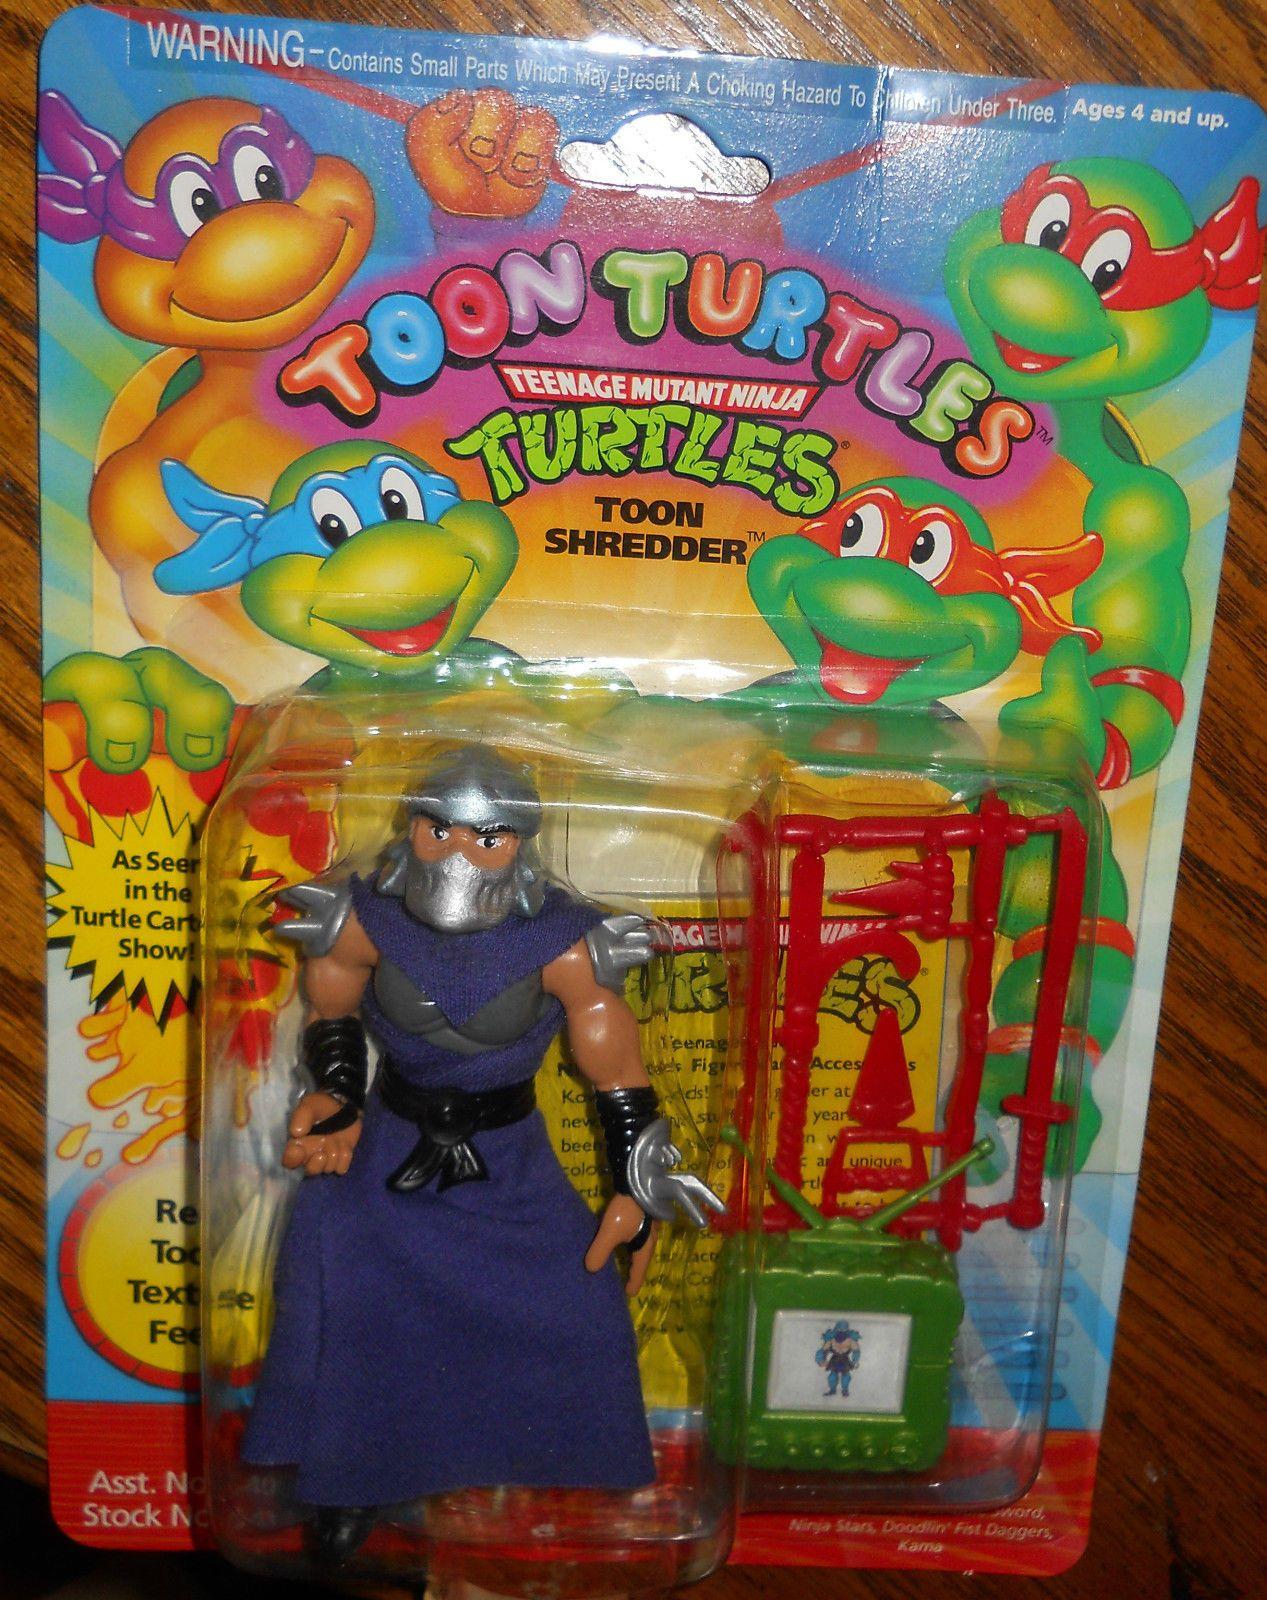 TMNT Toon Turtles Action Figure Toon Shredder NEW in Card